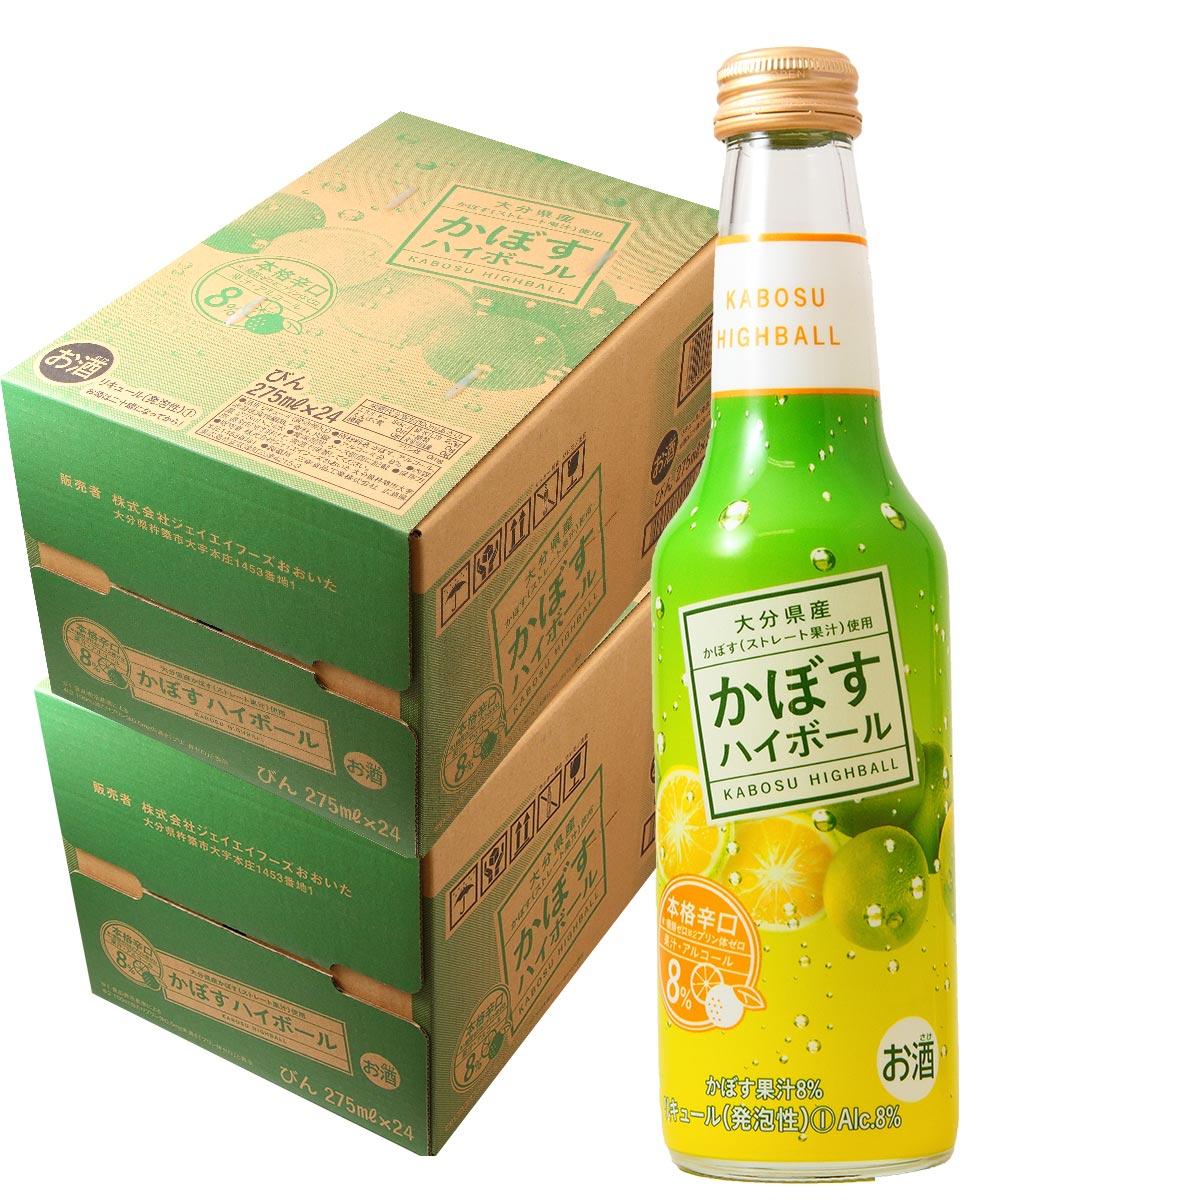 かぼすハイボール 瓶 275ml×24本×2ケース【JAフーズ】【大分ハイボール】【送料無料】